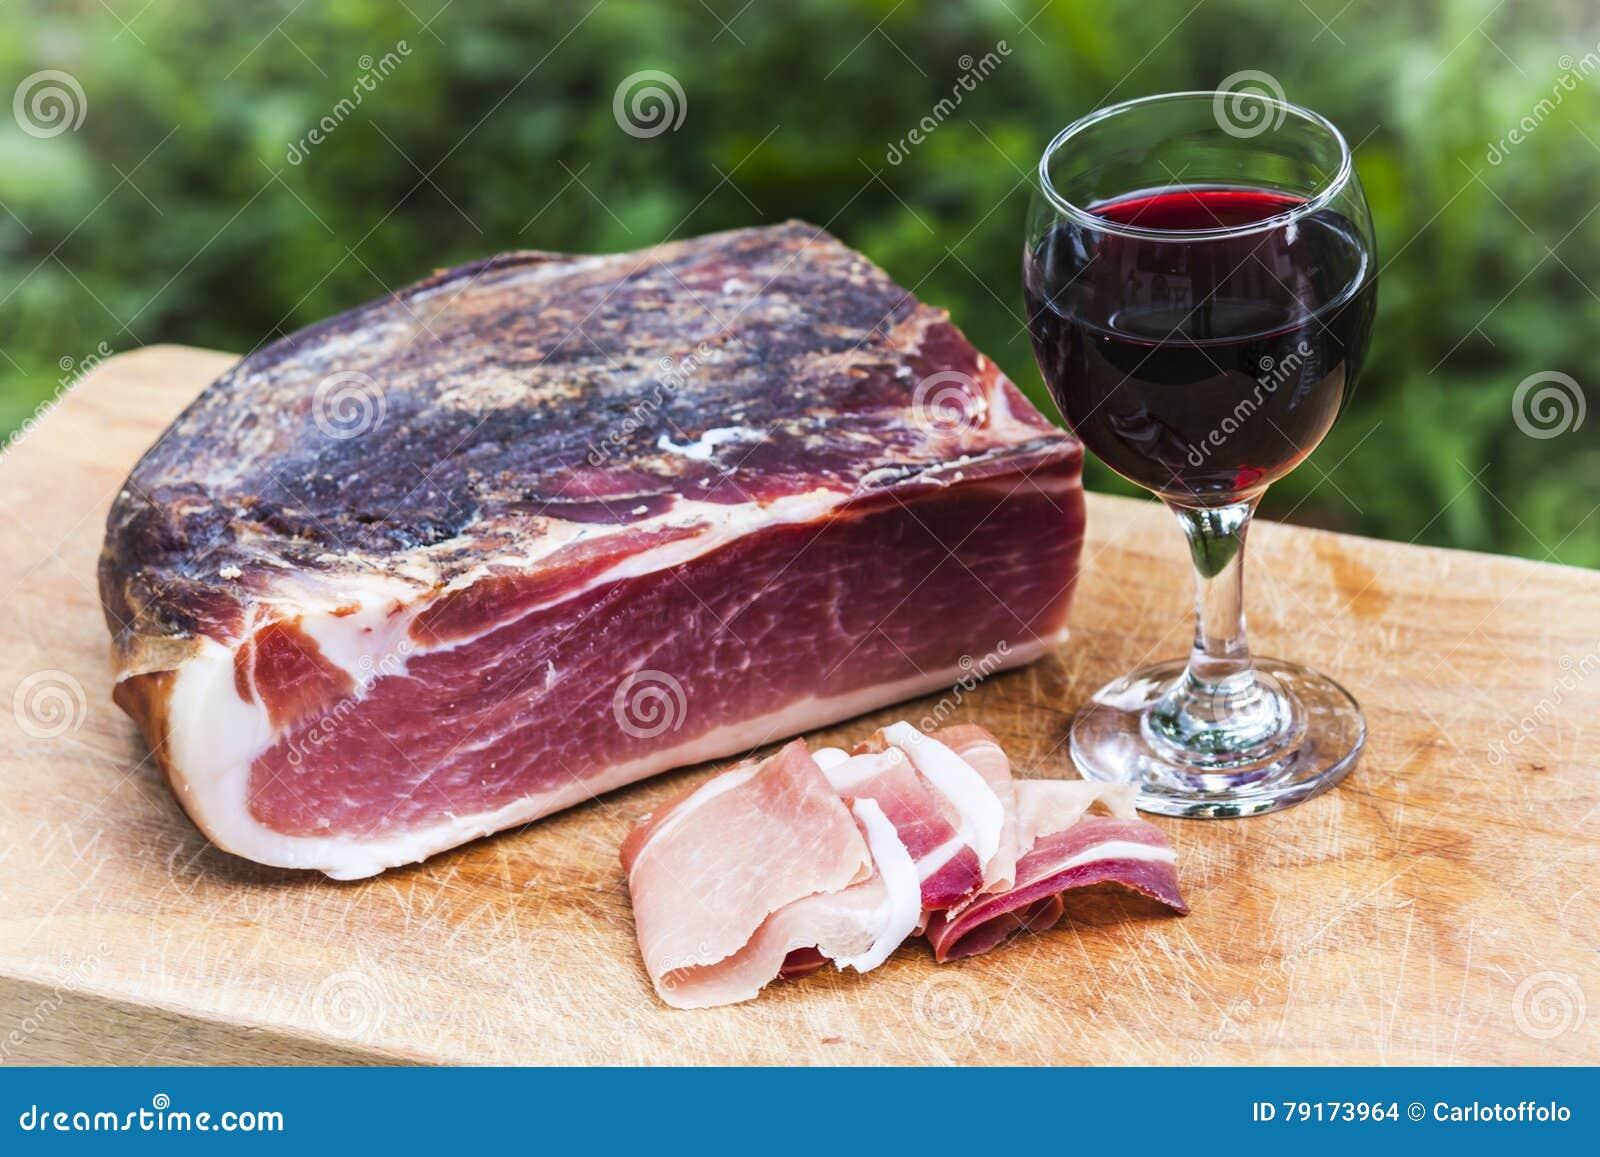 Italienischer Fleck und Rotwein